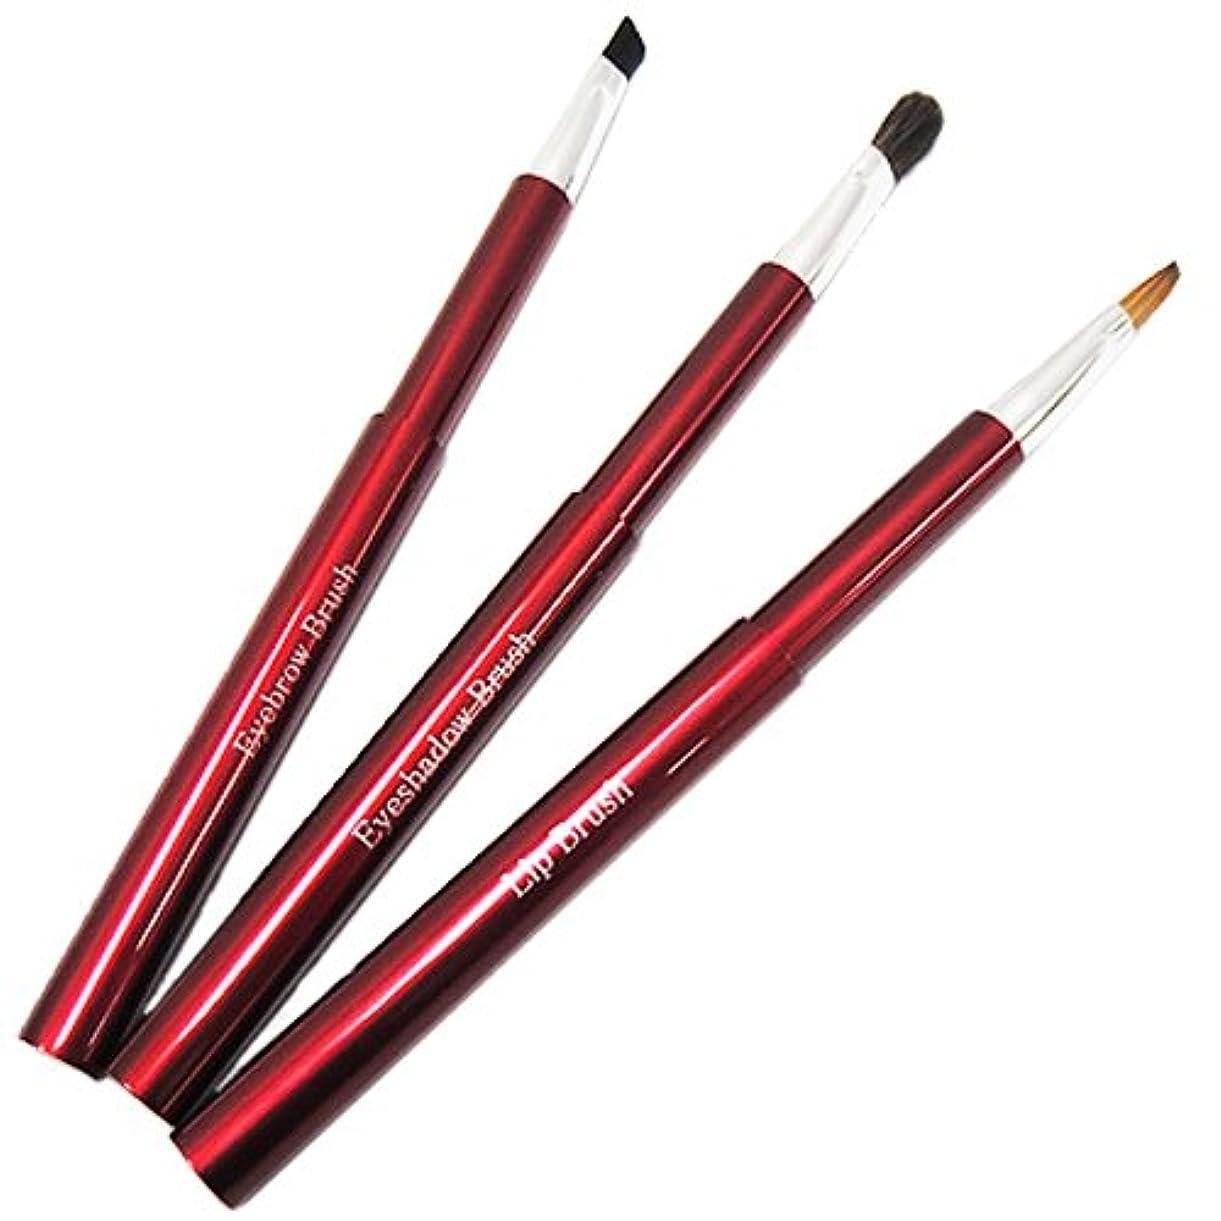 マトロン飢海洋松田栄 熊野の華粧筆 スライド式ブラシ3点セット(アイブローブラシ×1、アイシャドーブラシ×1、リップブラシ×1)